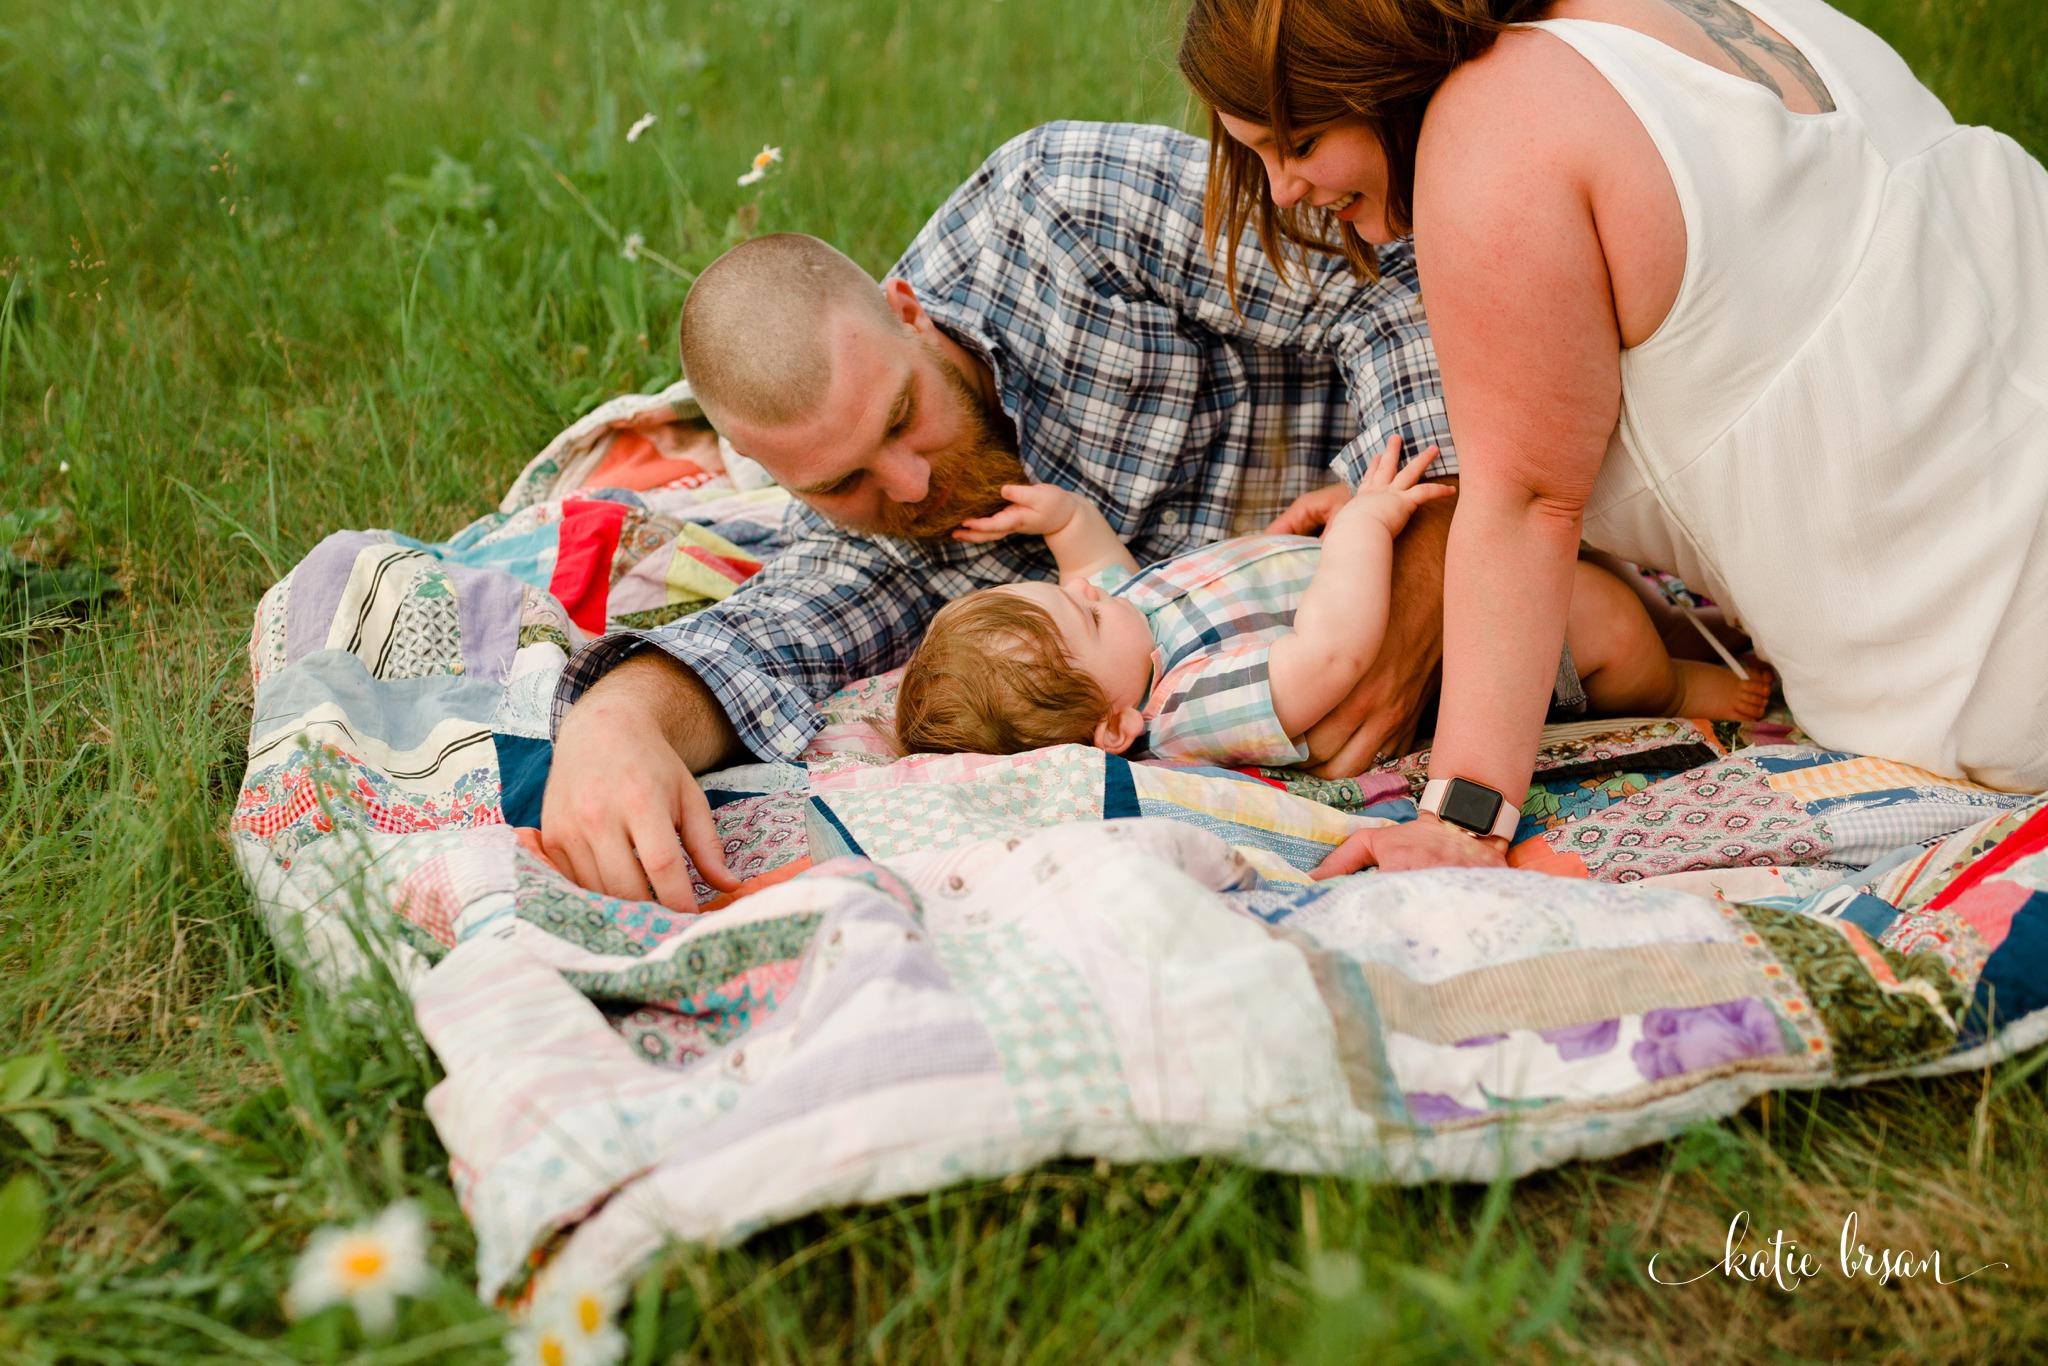 Mokena-family-photography_0092.jpg